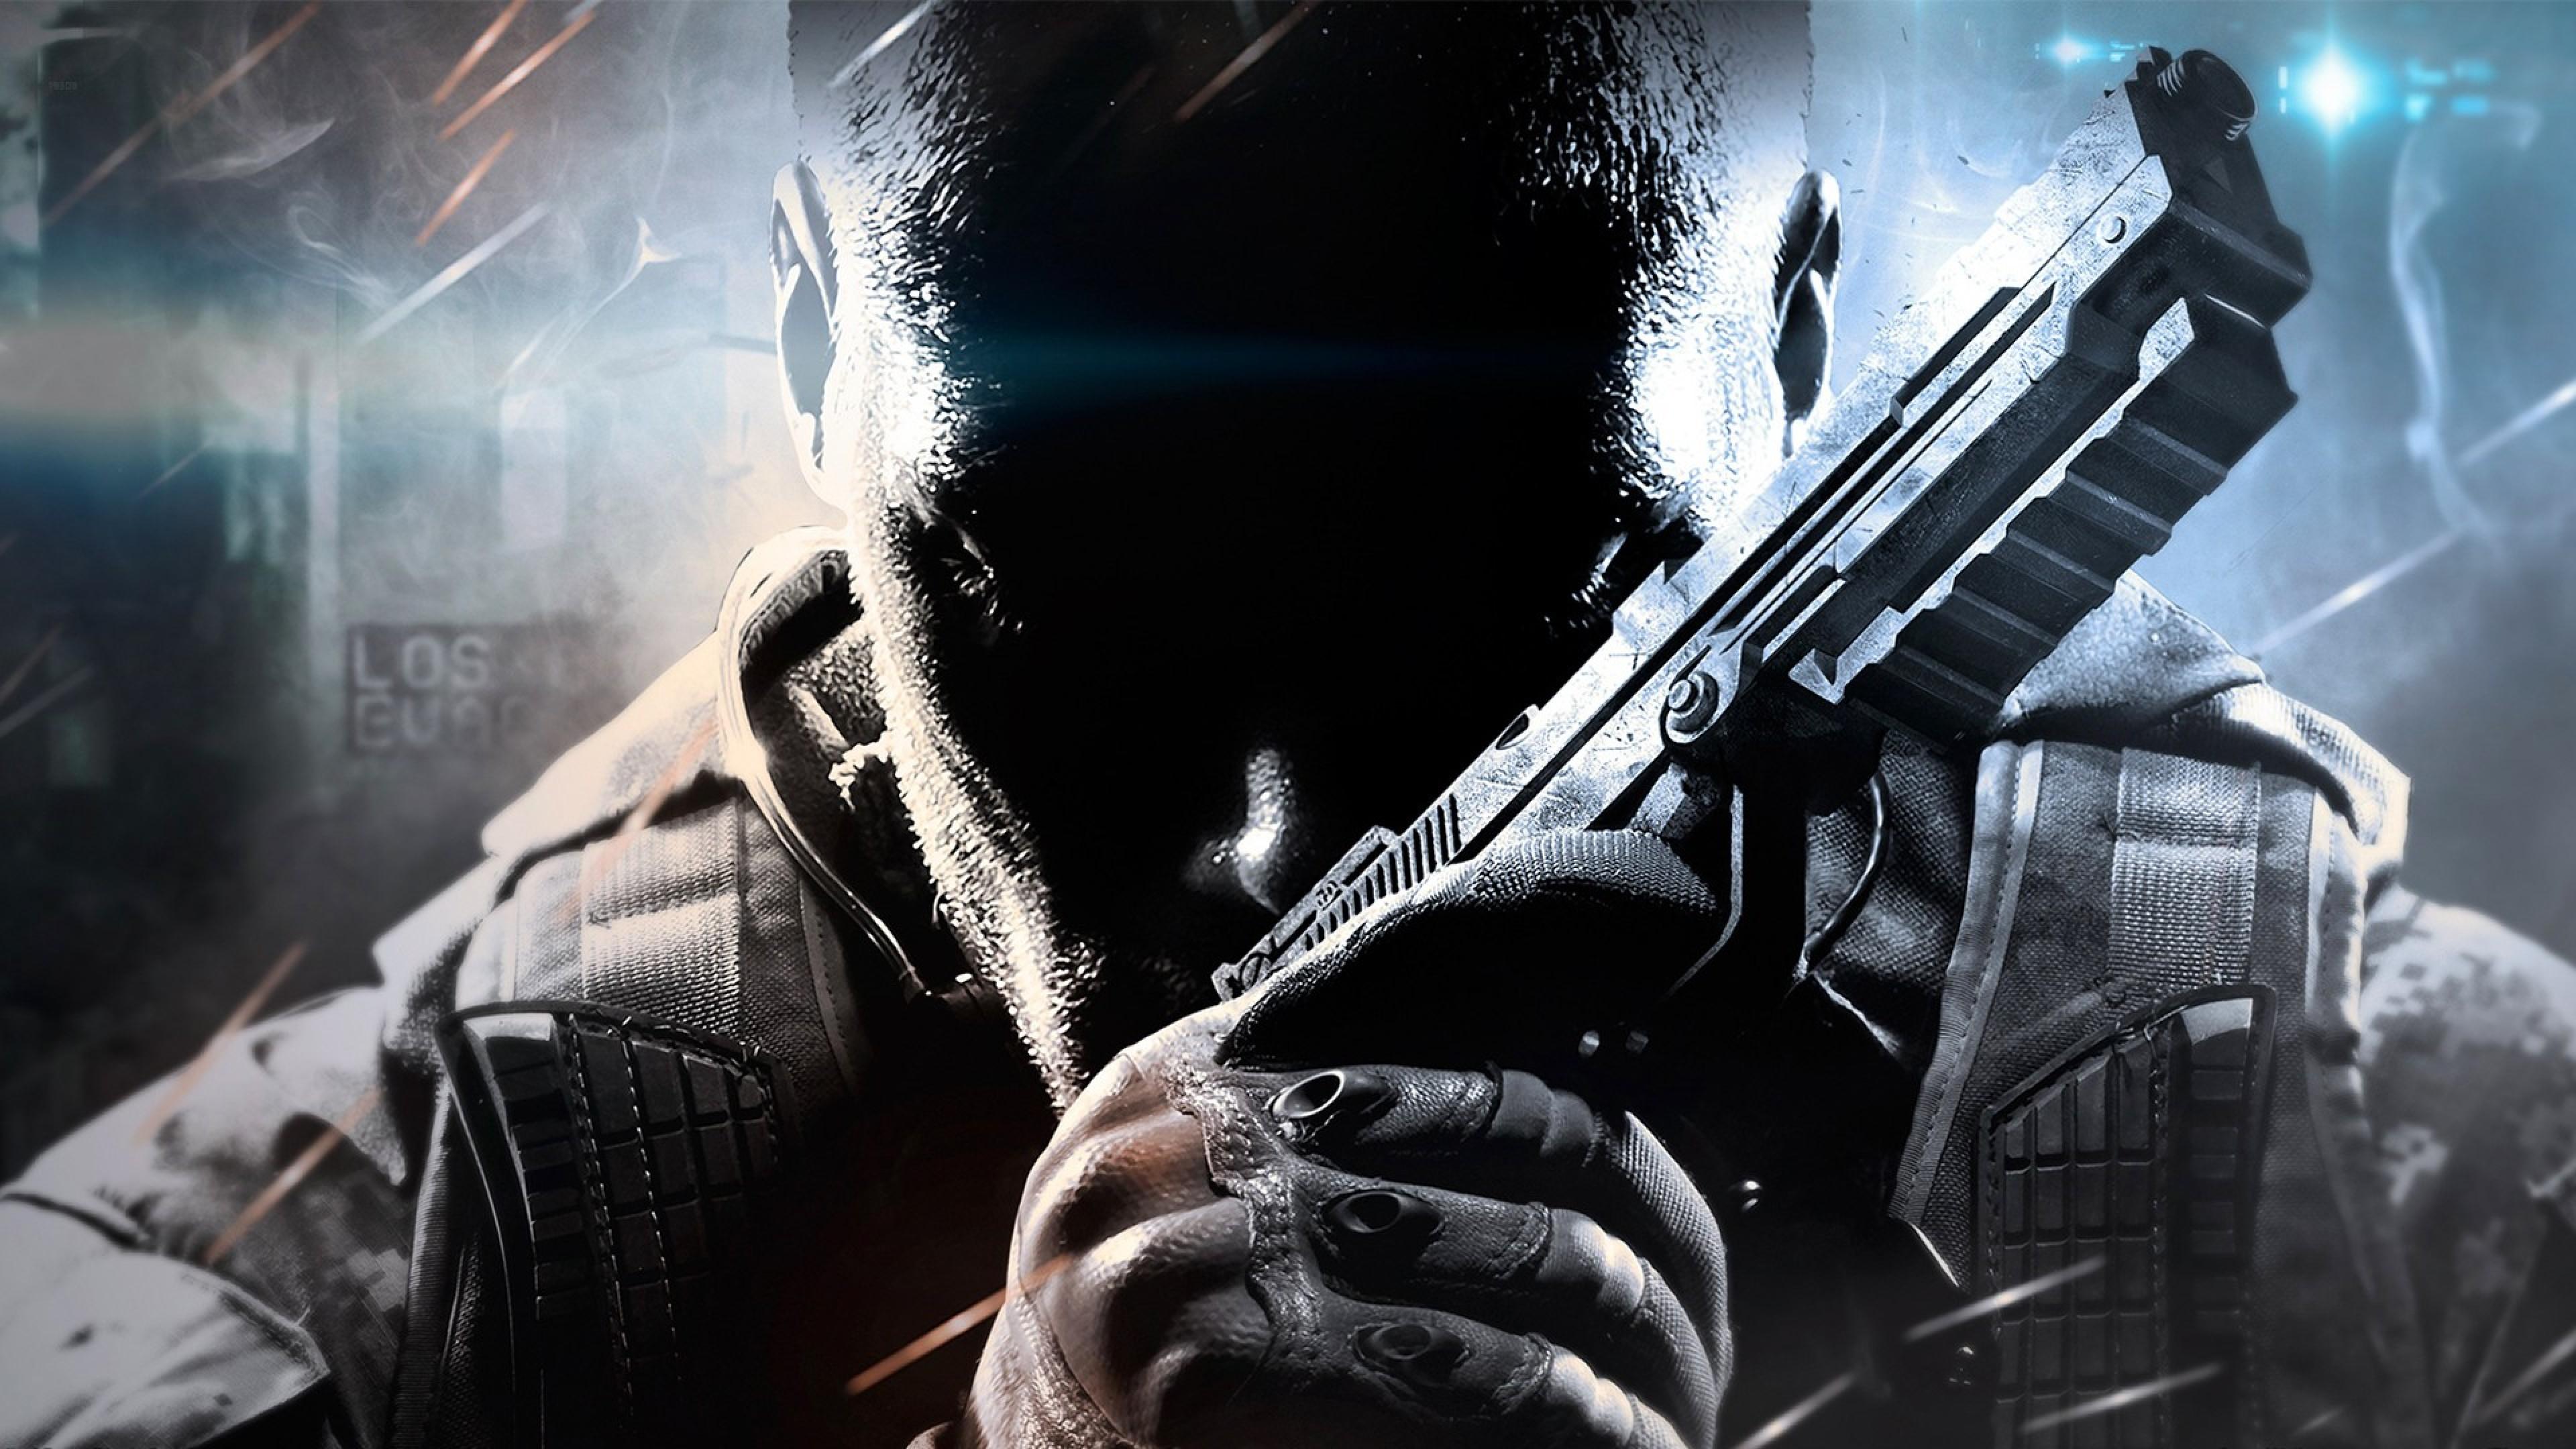 Call Of Duty Black Ops 2 Face Gun 4k Wallpaper Best Wallpapers